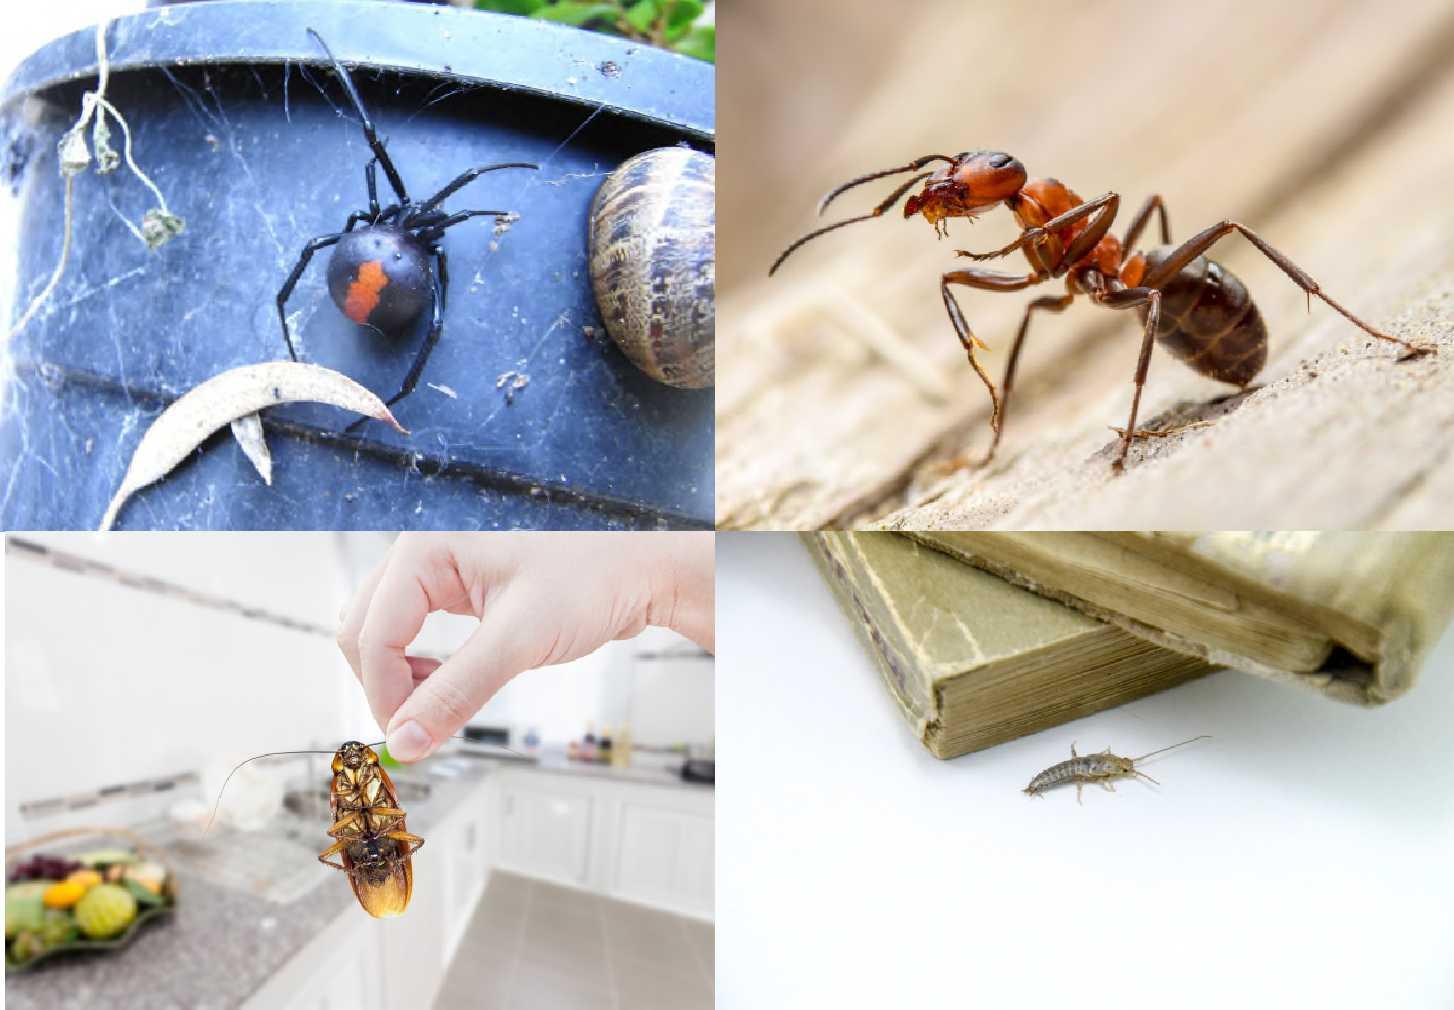 termite cockroach spider